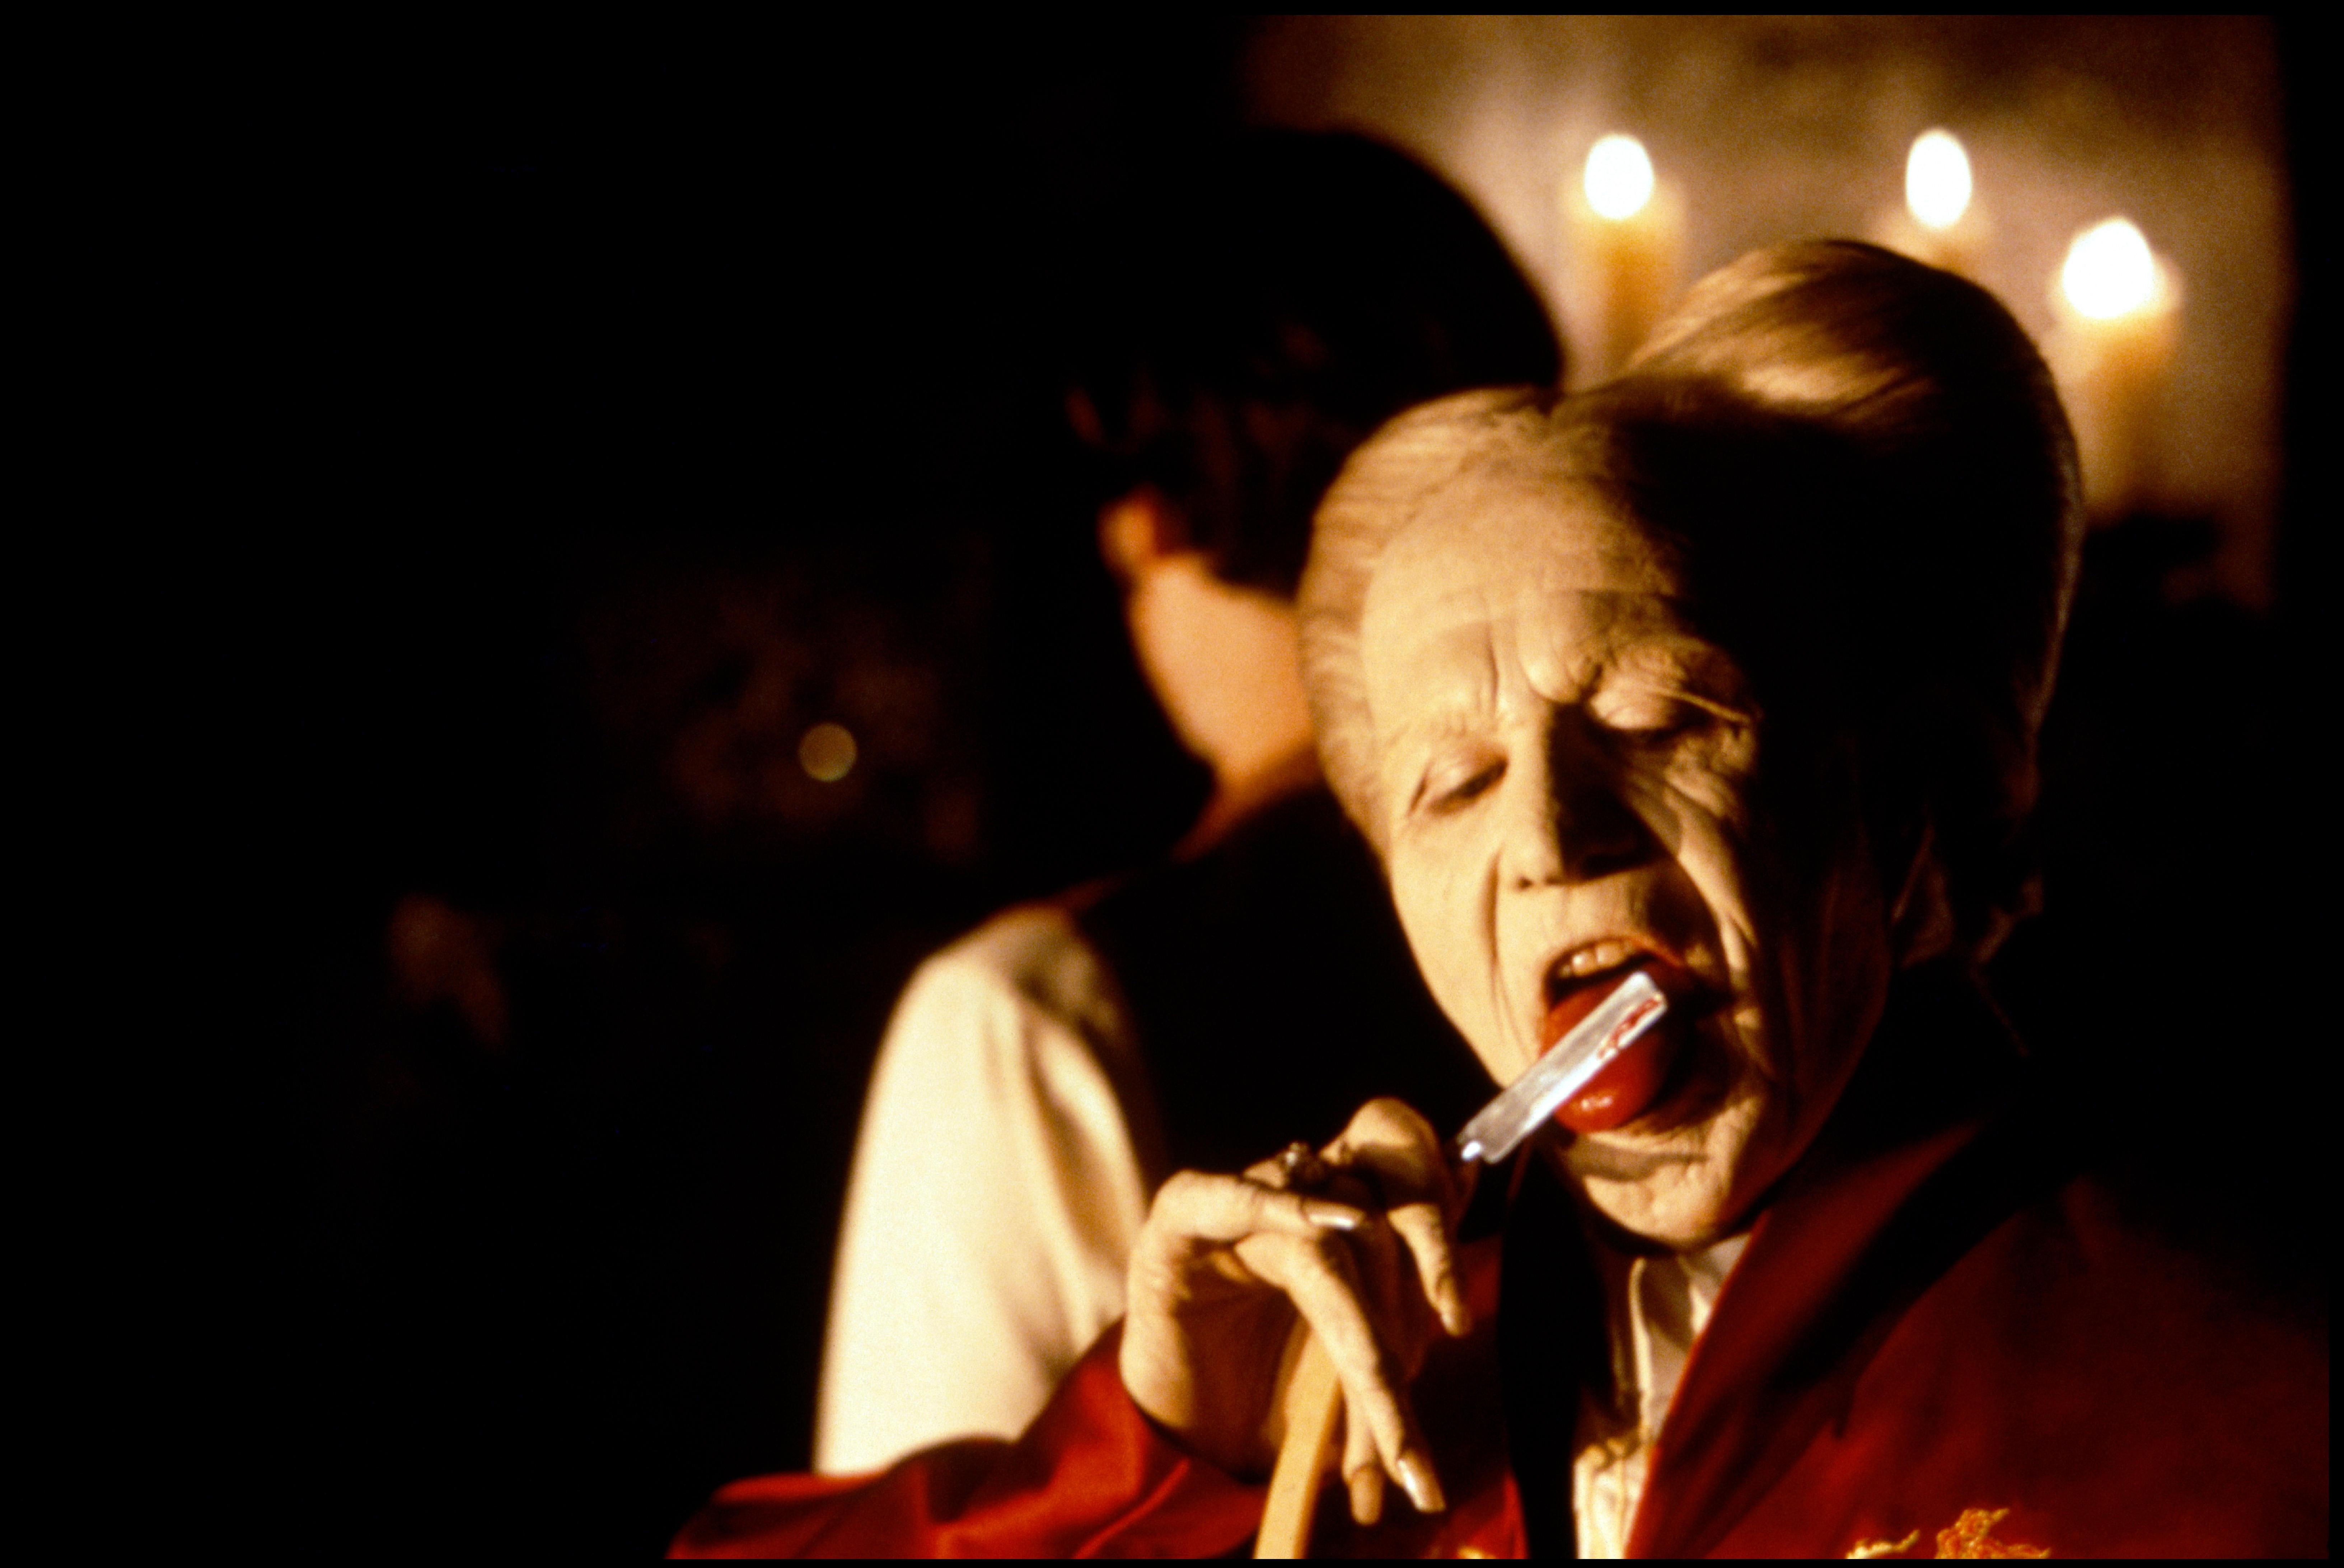 Кадр изфильма «Дракула Брэма Стокера», 1991 год